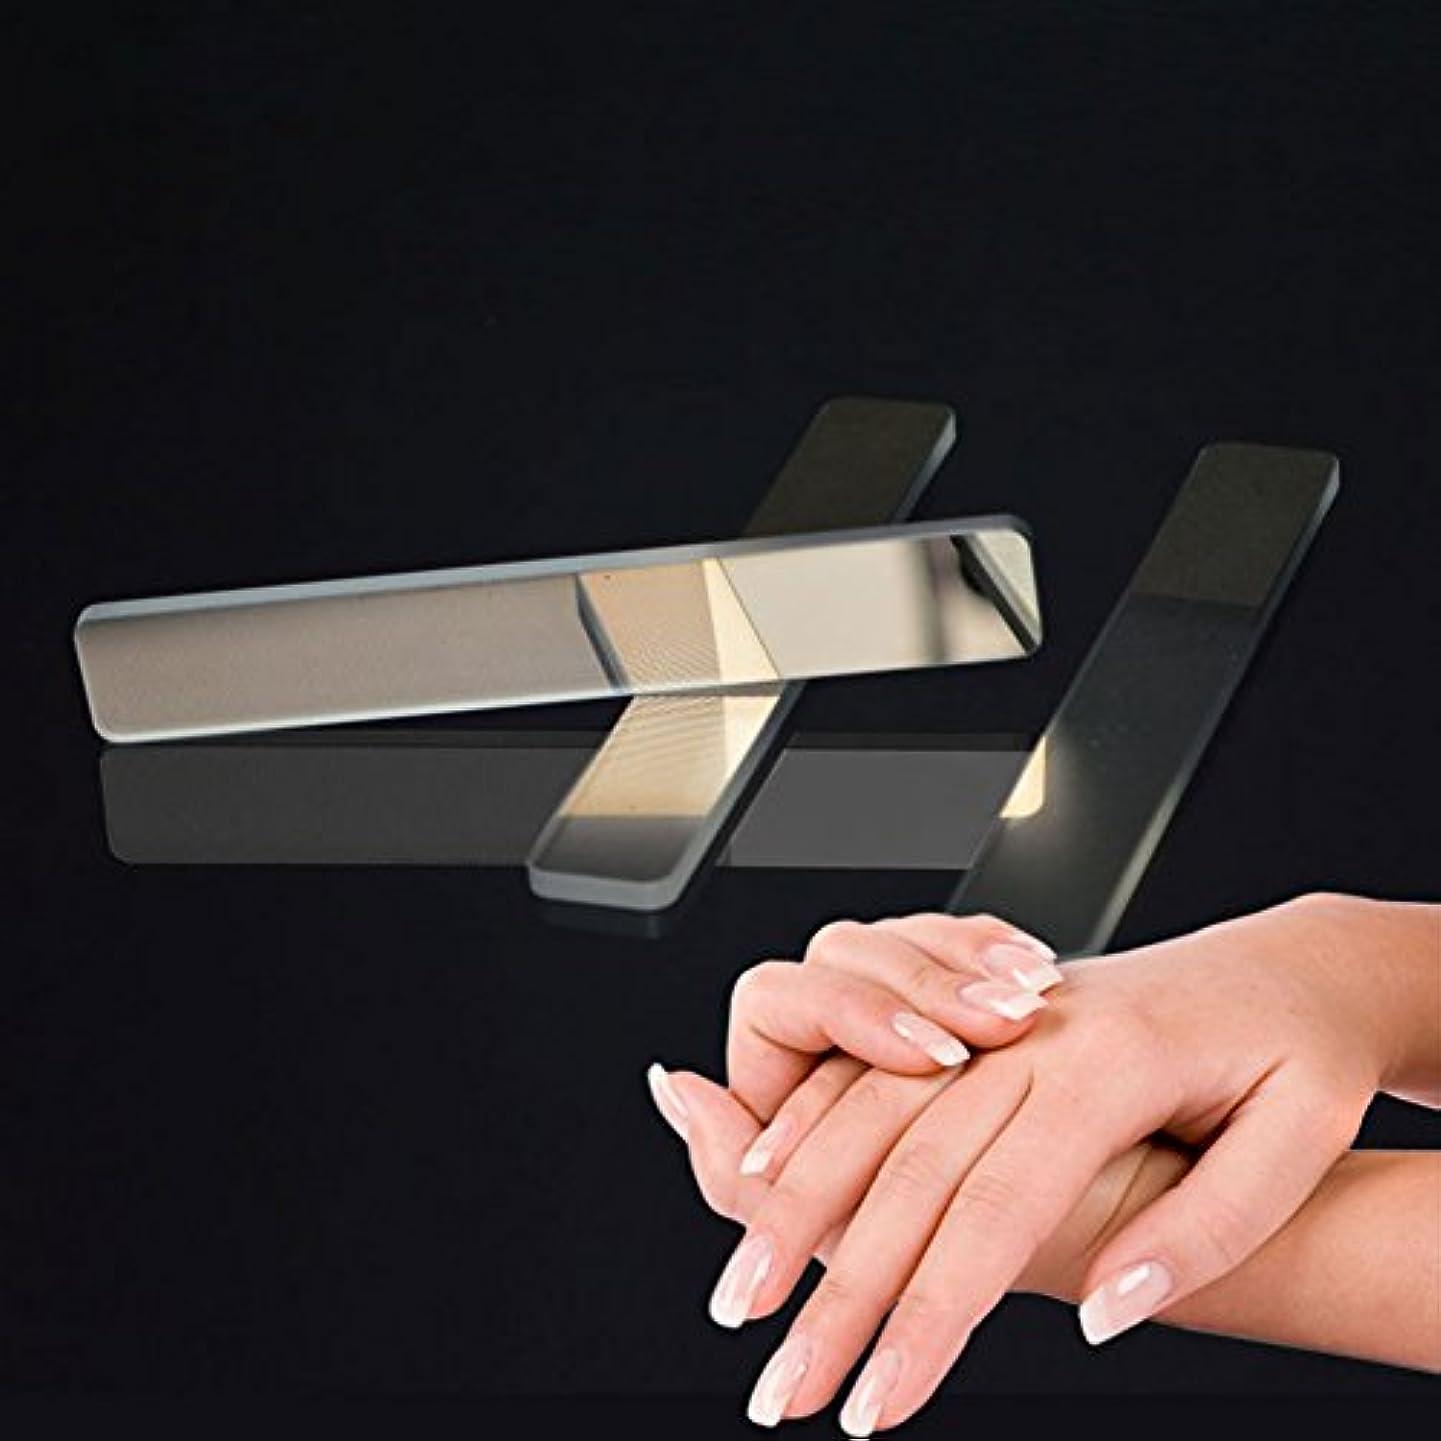 本質的ではない関数求める爪やすり WUUDI 爪磨き ガラス爪ヤスリ ネイルファイル ネイルシャイナー つめケア ガラス製 ネイルケア 甘皮処理 (白)